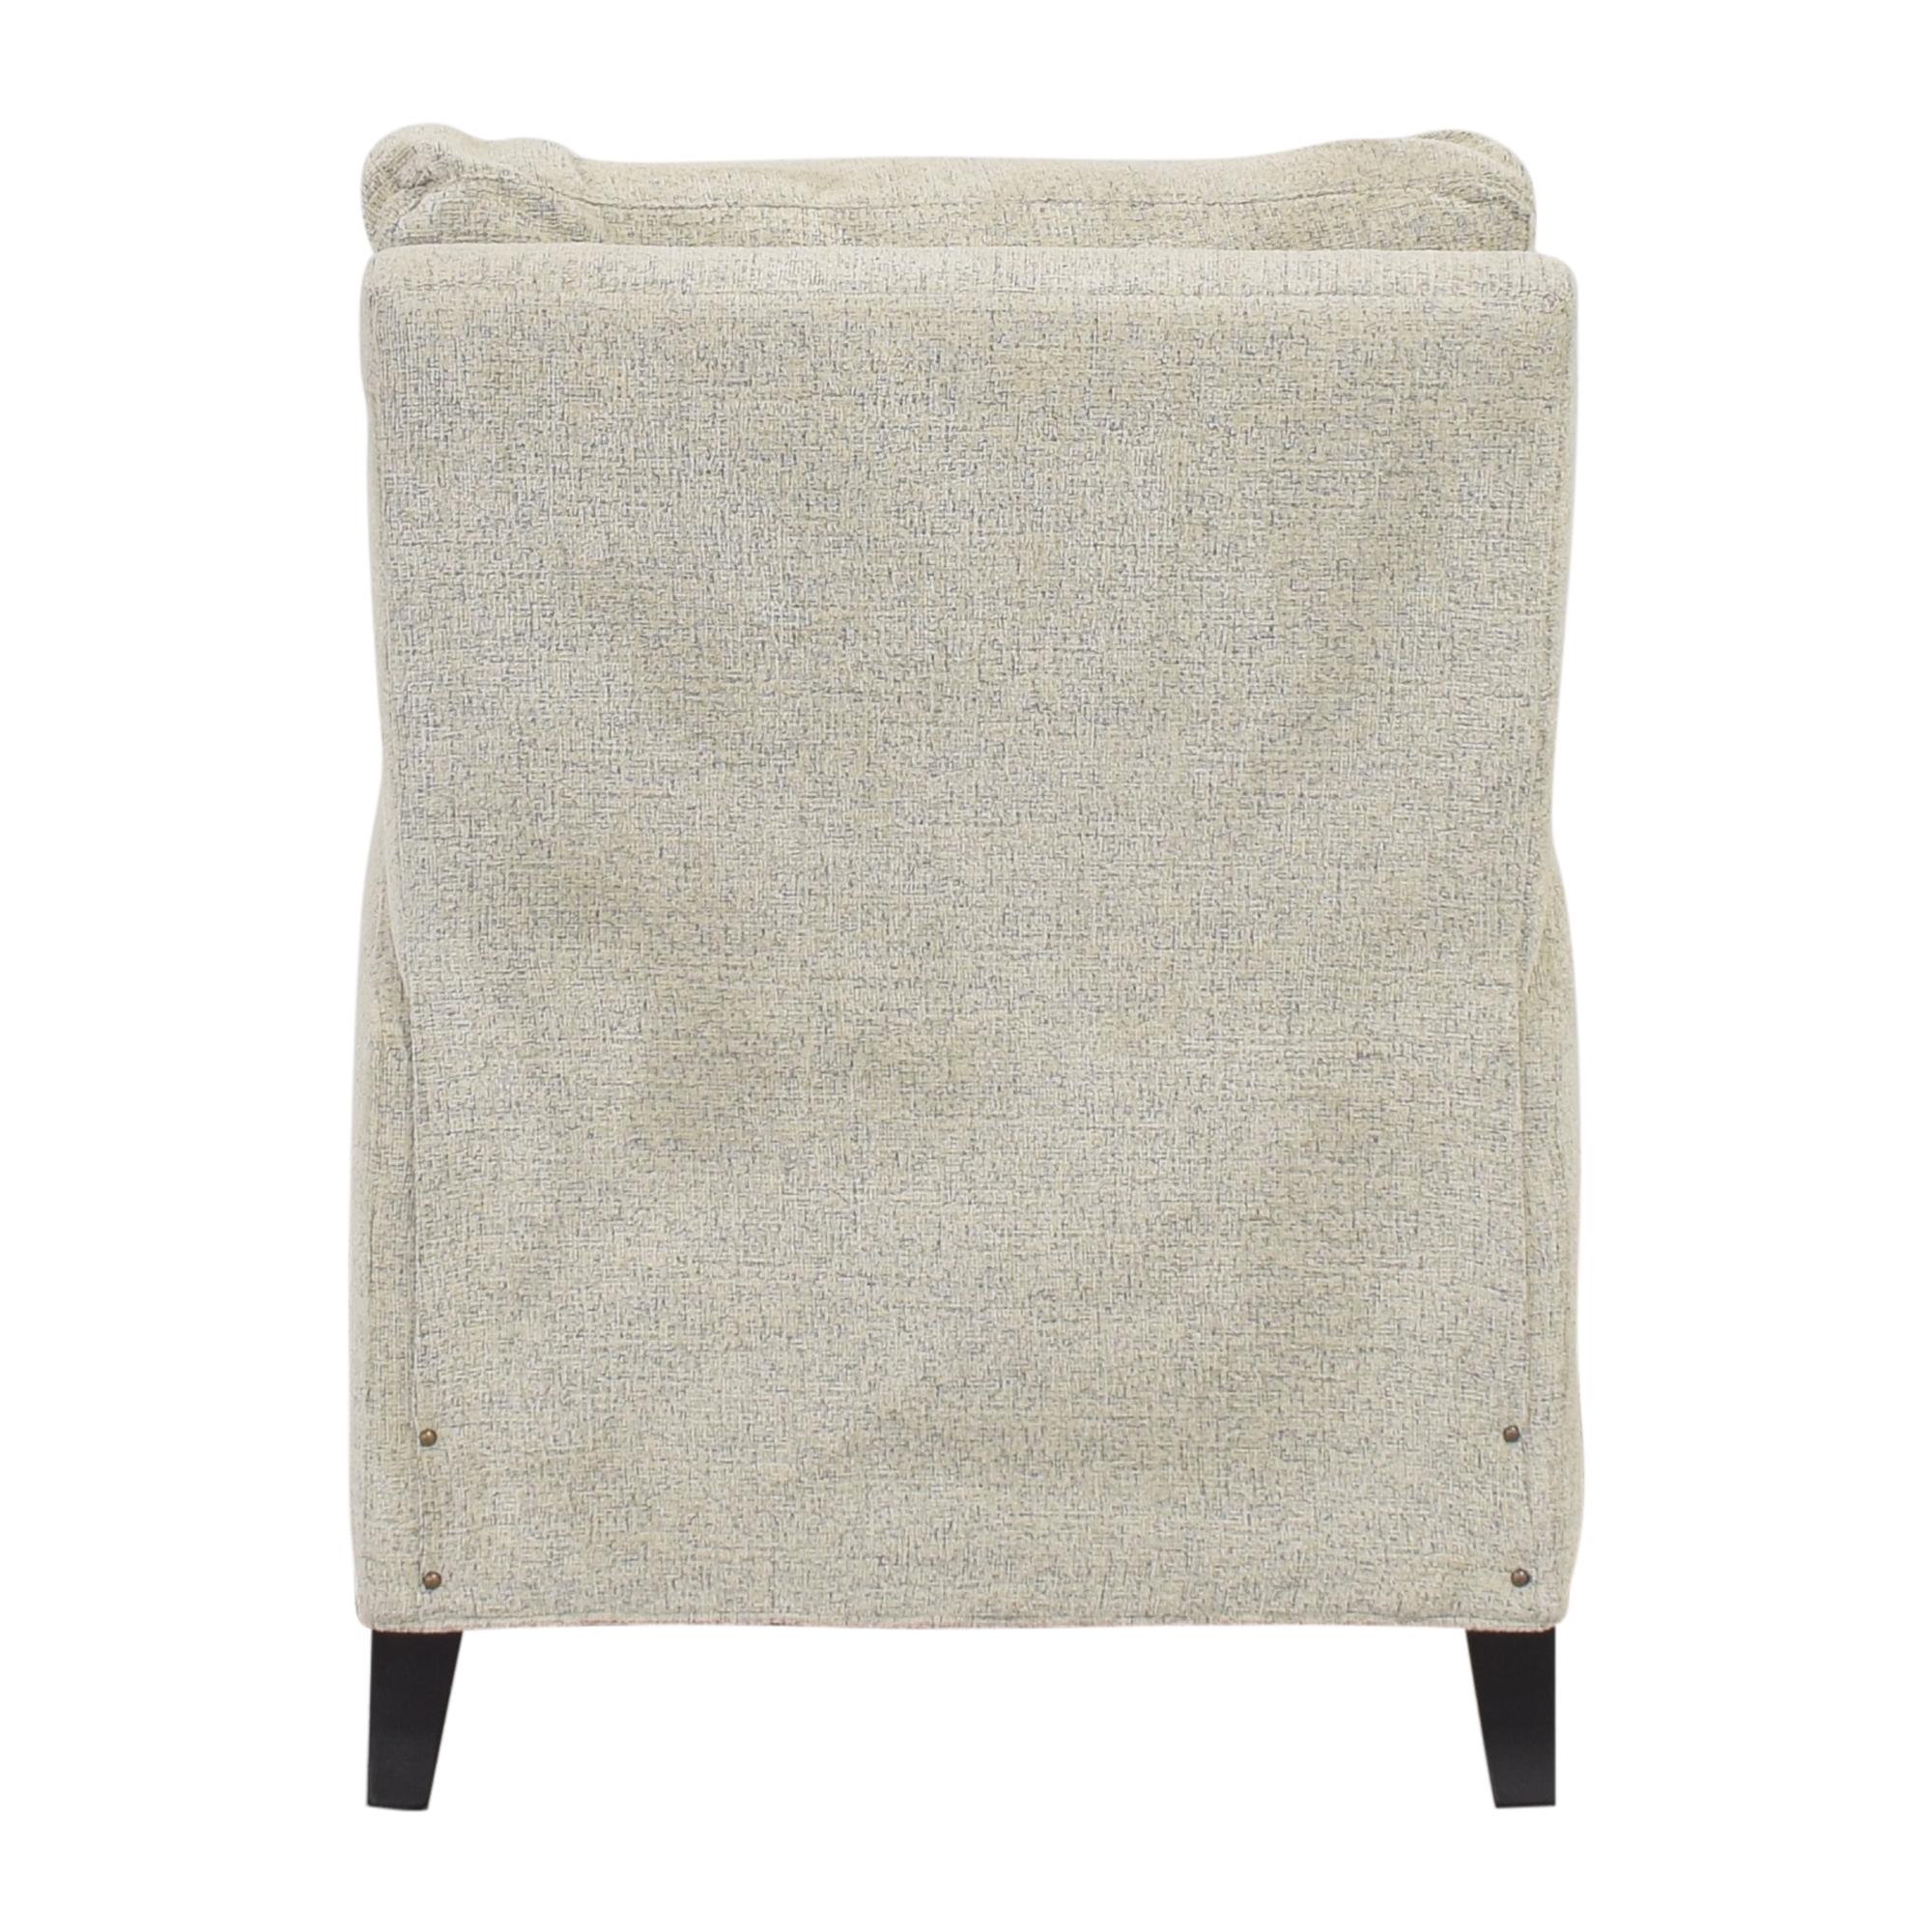 Bloomingdale's Bloomingdale's Sophie Power-Recliner Chair Chairs